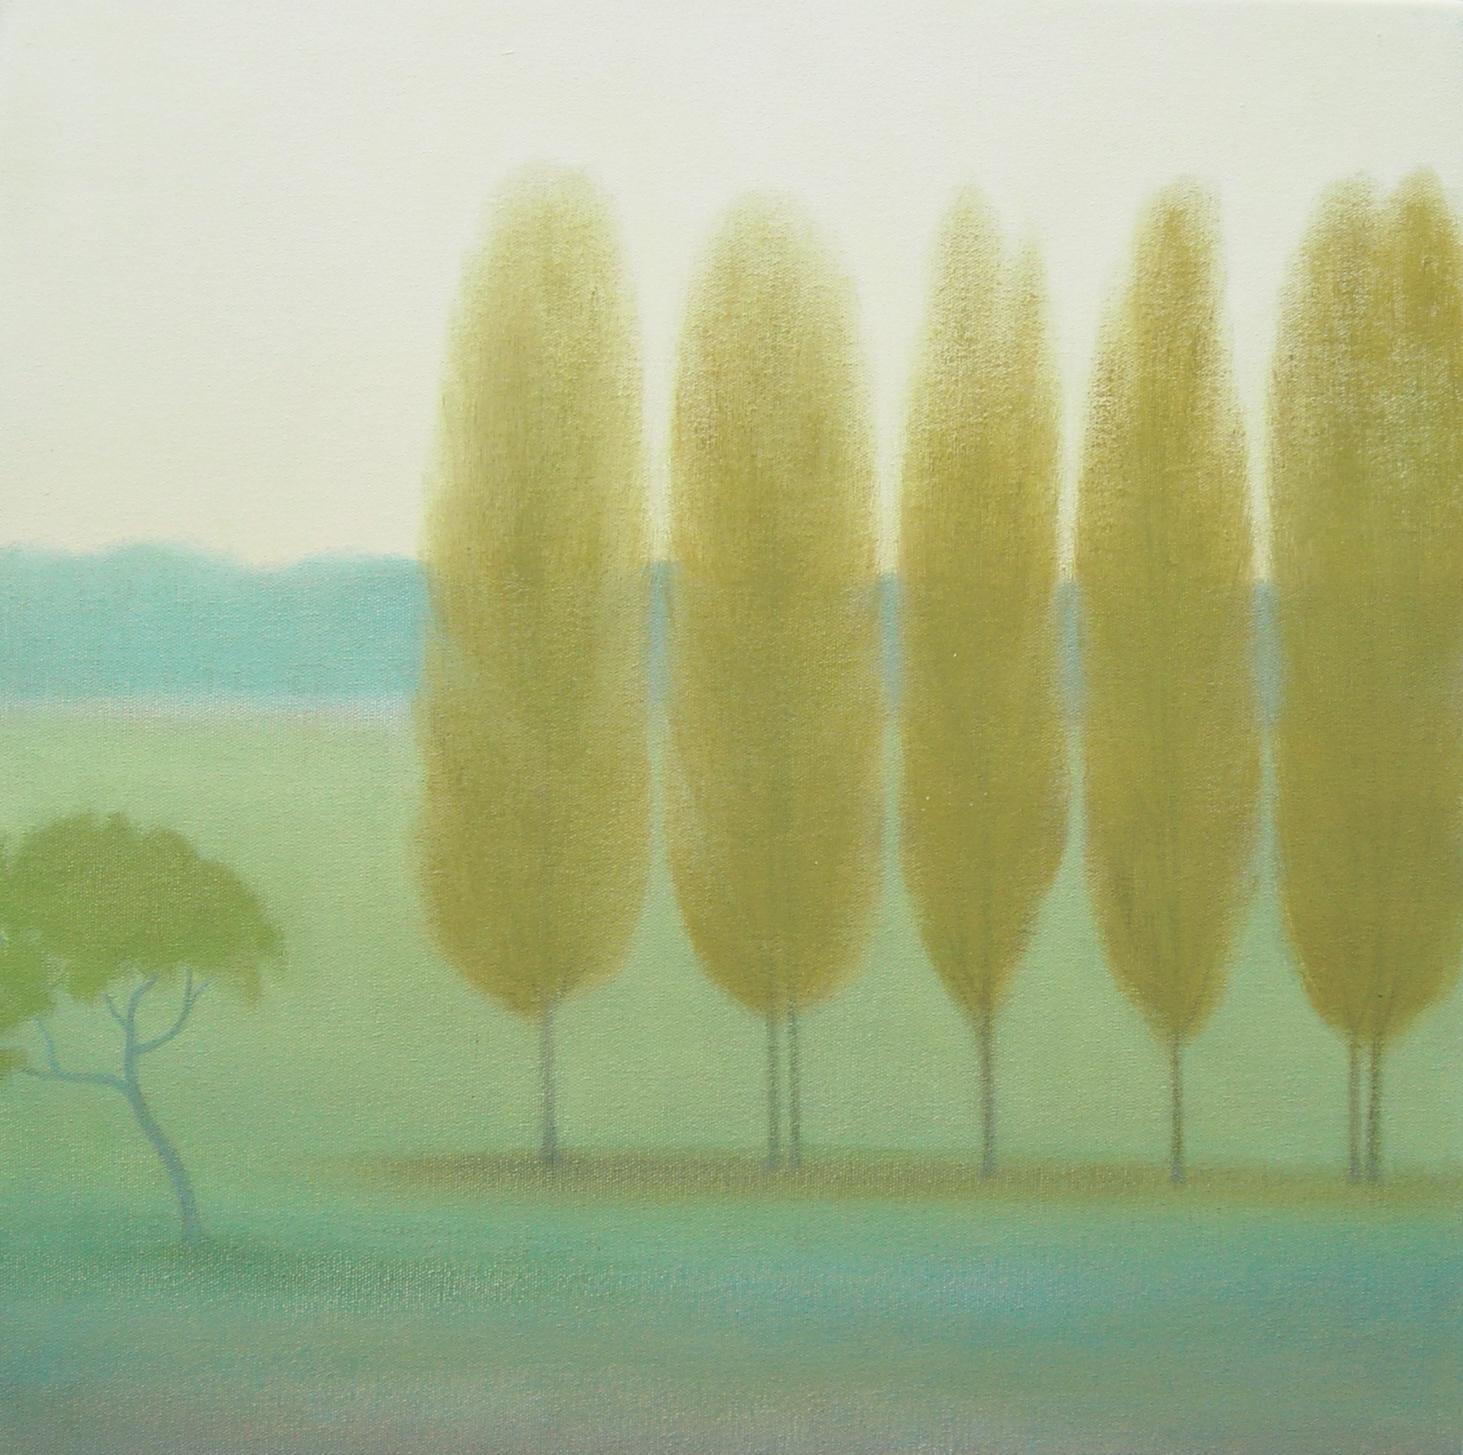 Poplars, Forges les Eaux, Normandy